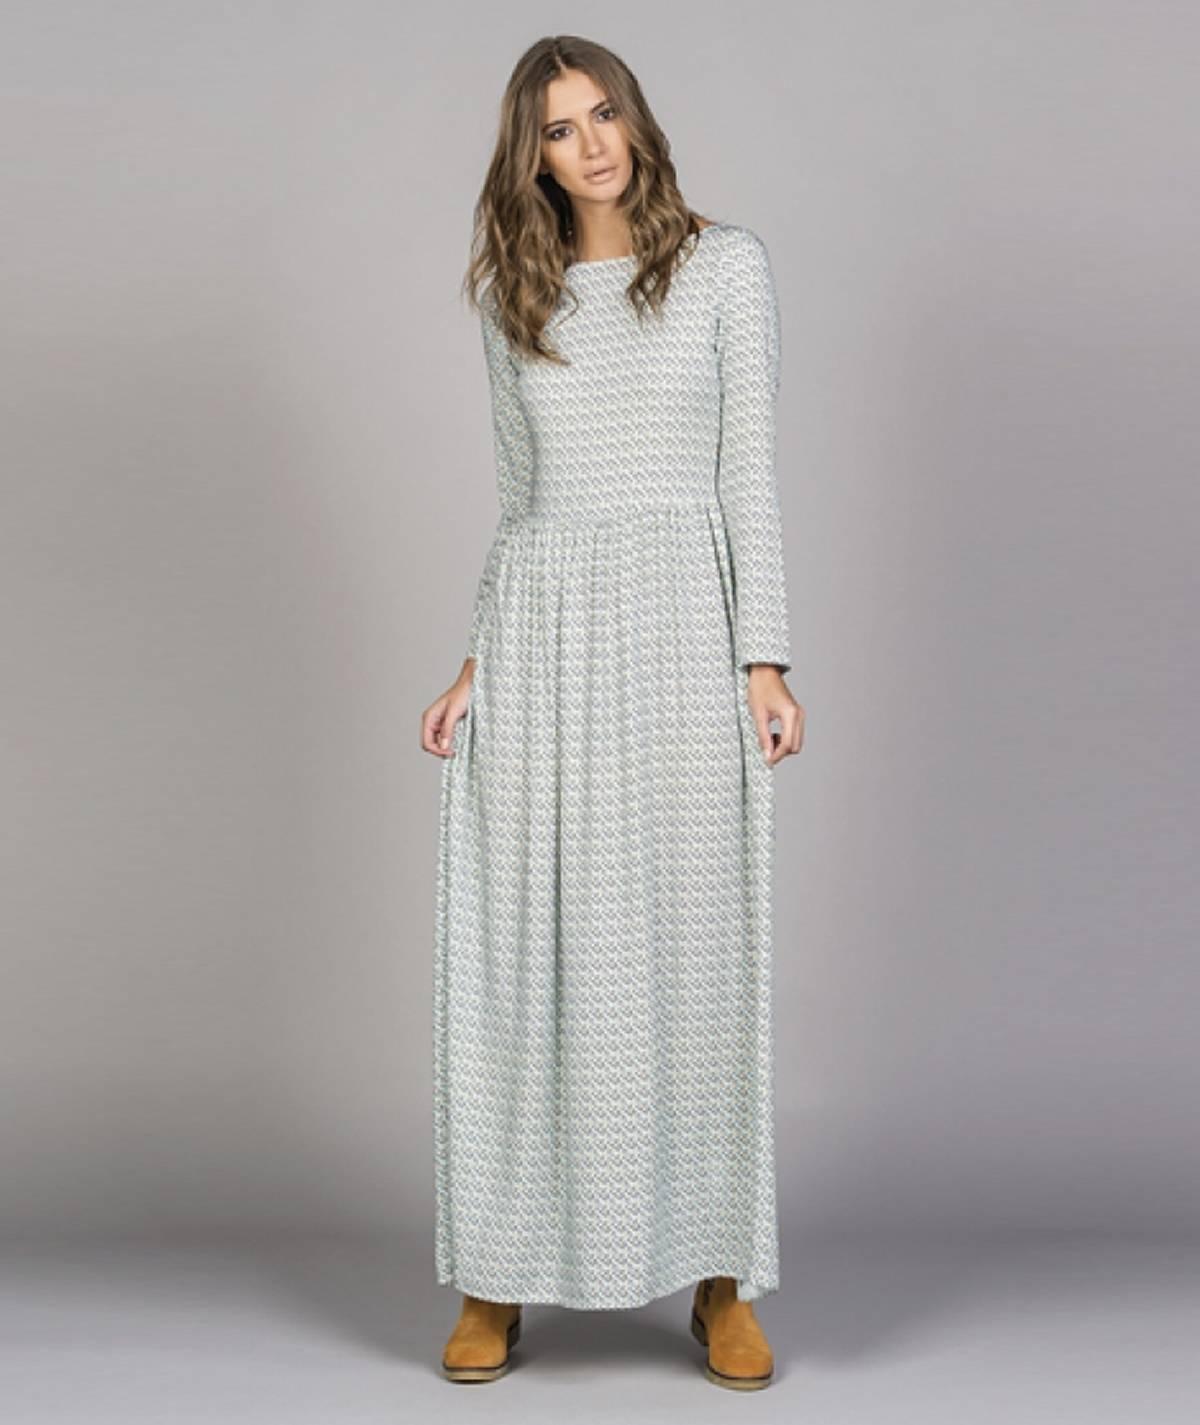 Vestido comprido com estampado